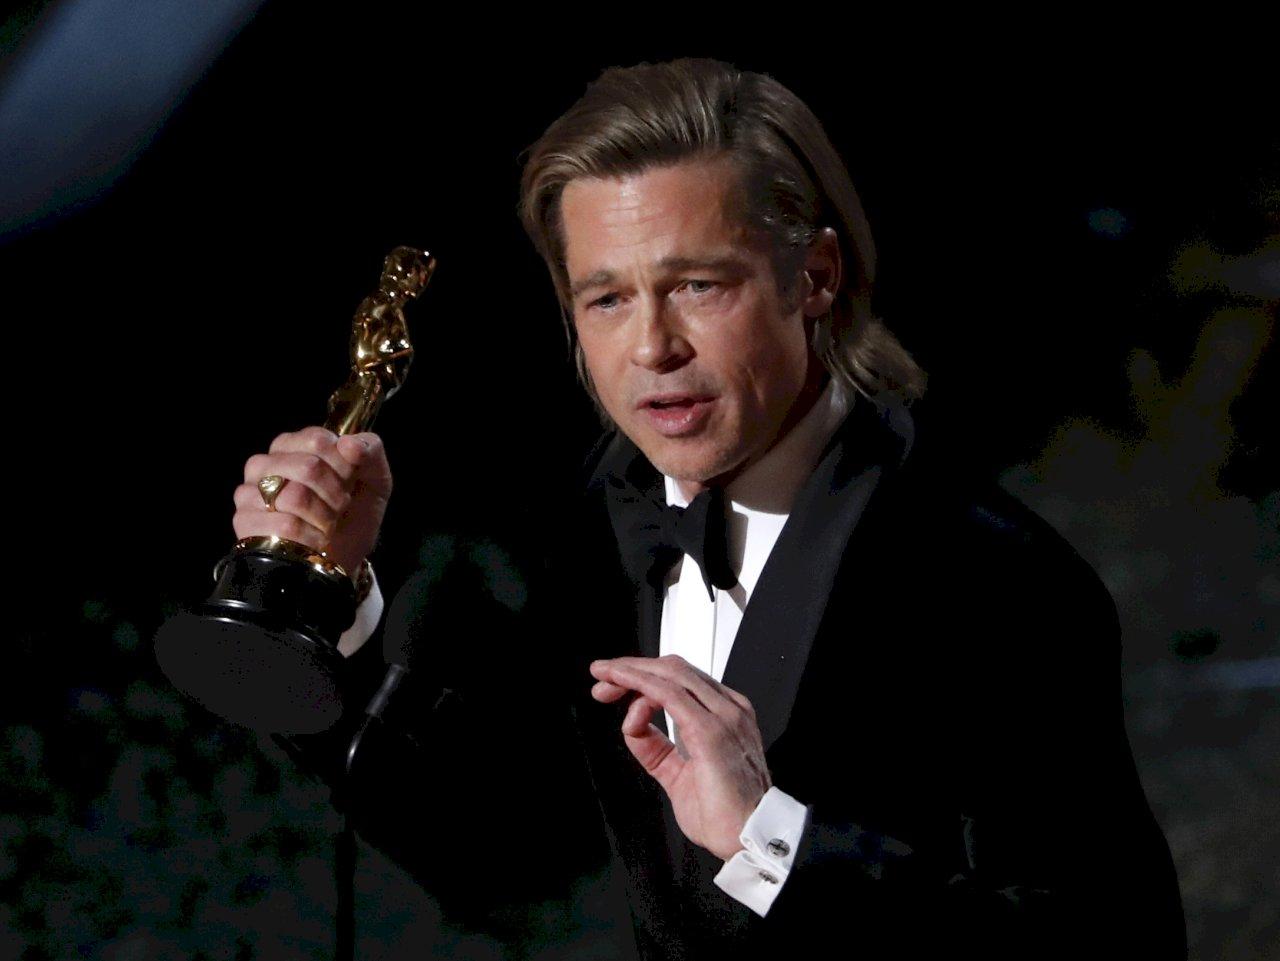 布萊德彼特生涯首座小金人 摘奧斯卡最佳男配角